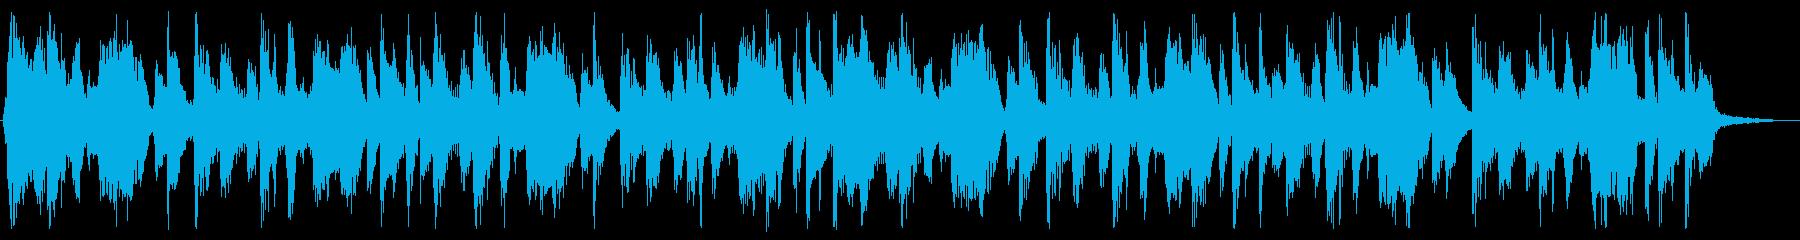 ラテン、サルサのトロピカルなジングルの再生済みの波形